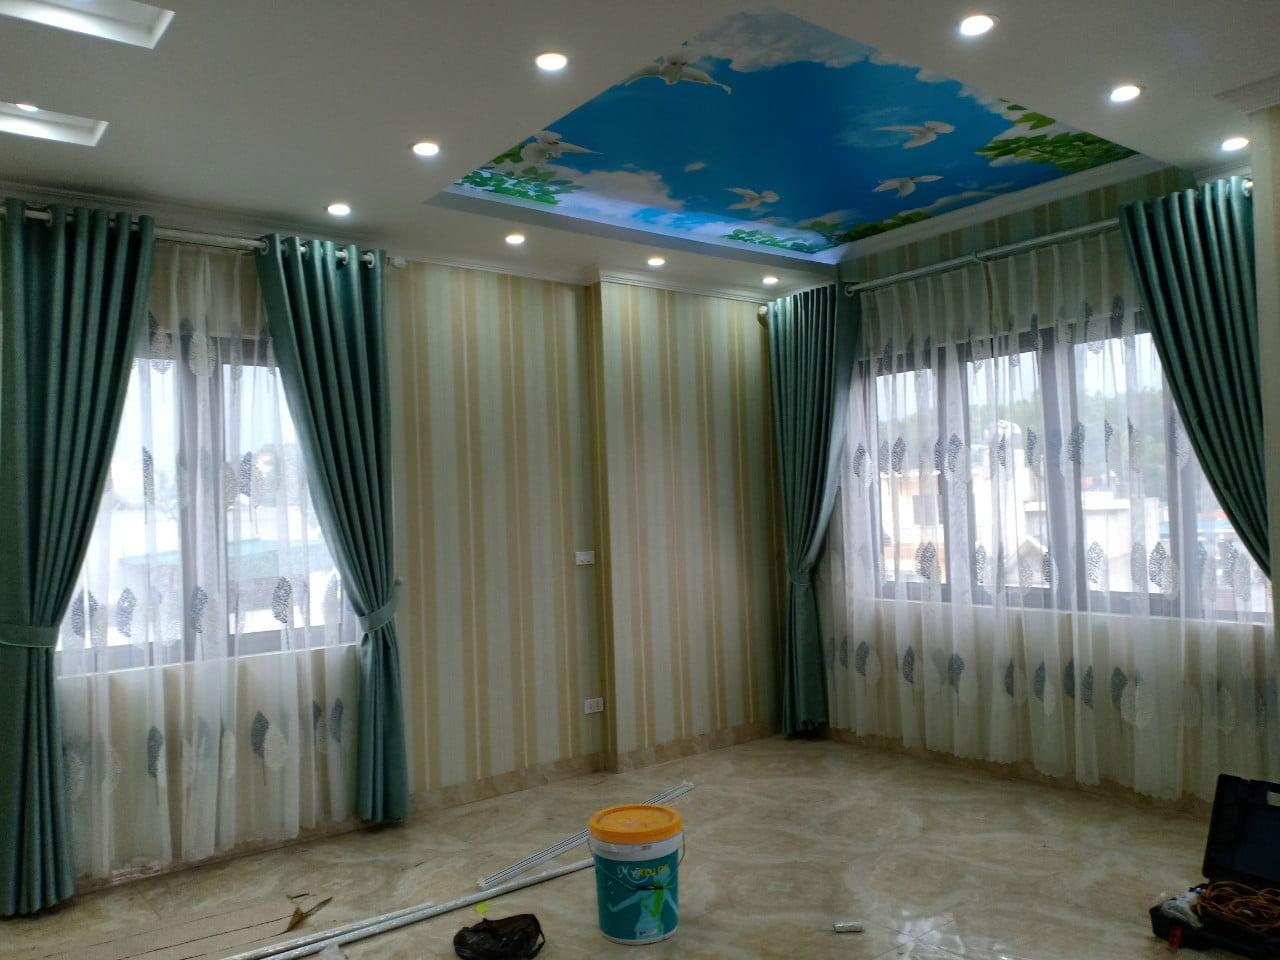 Rèm vải 2 lớp nhà anh Tâm - Quảng Ninh